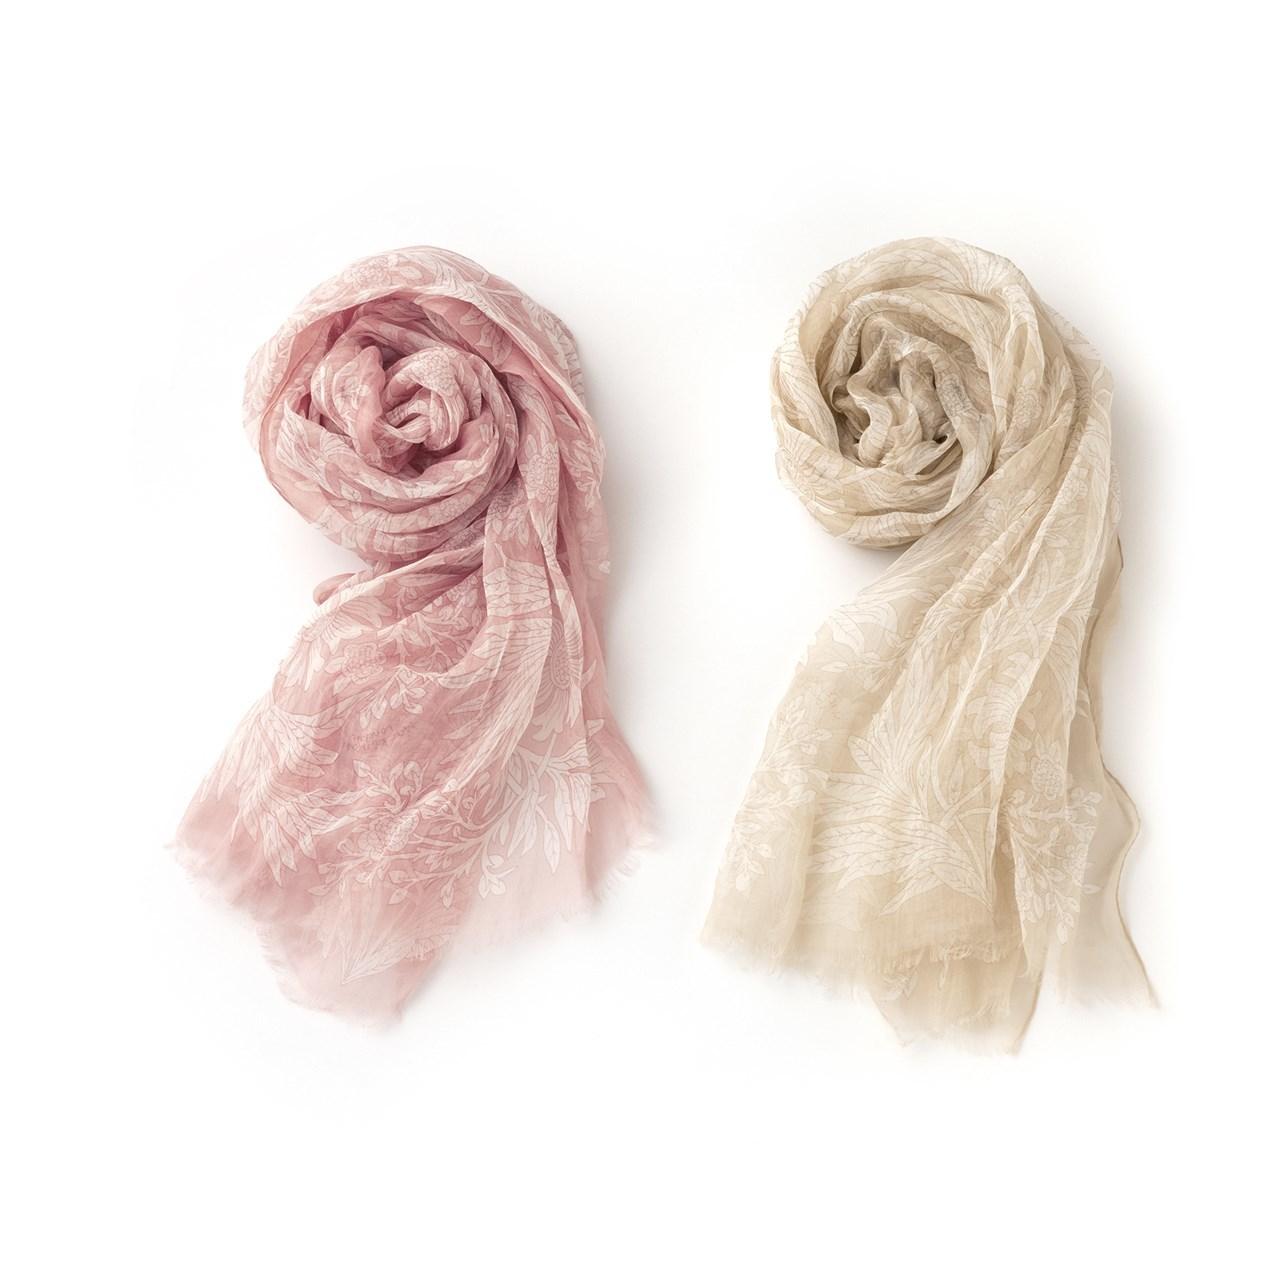 「マッキントッシュ ロンドン」バイブリーフラワーのスカーフ